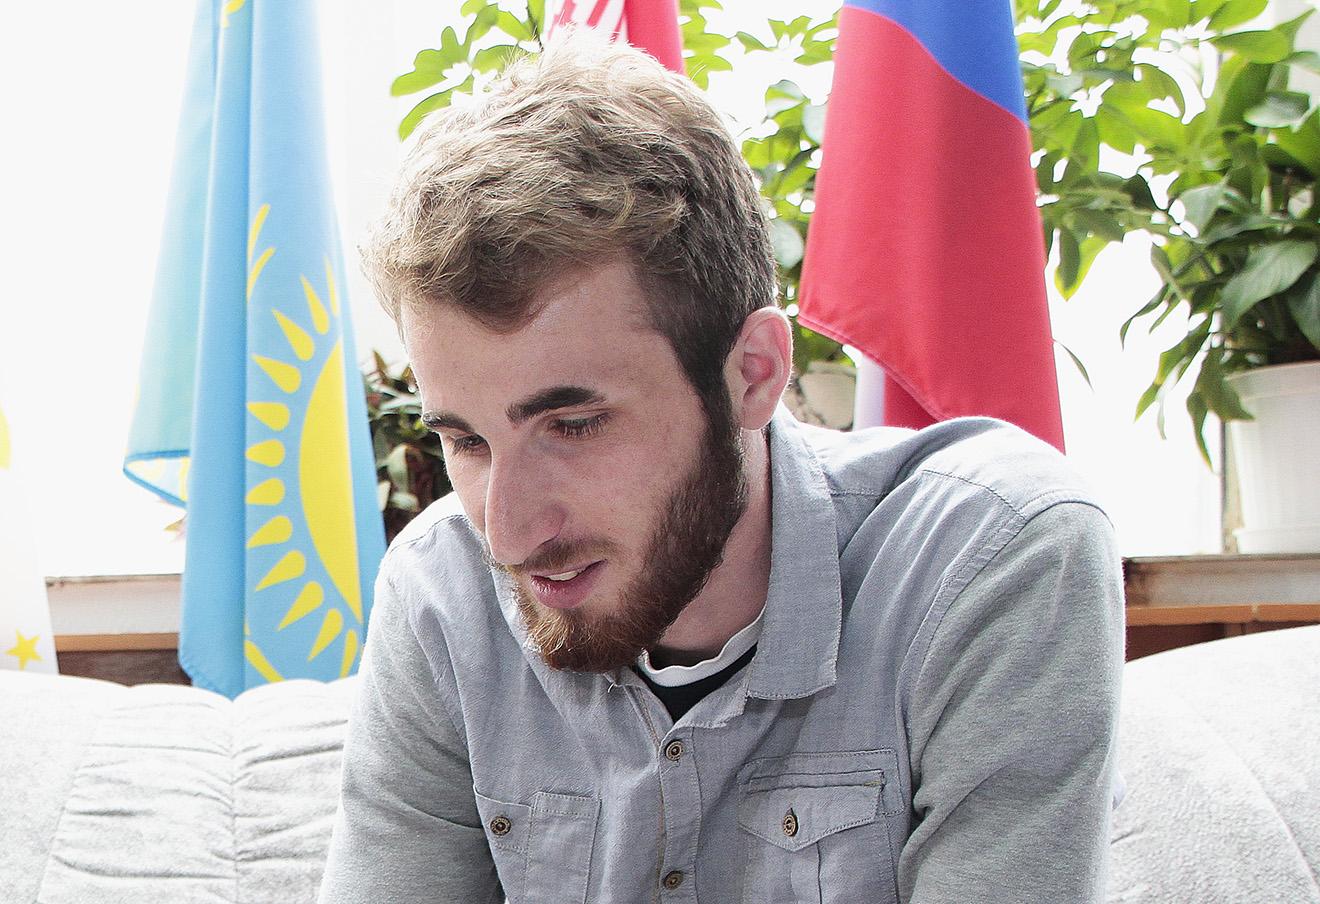 Жалауди Гериев. Фото: Олег Колдаев / media-urist.ru